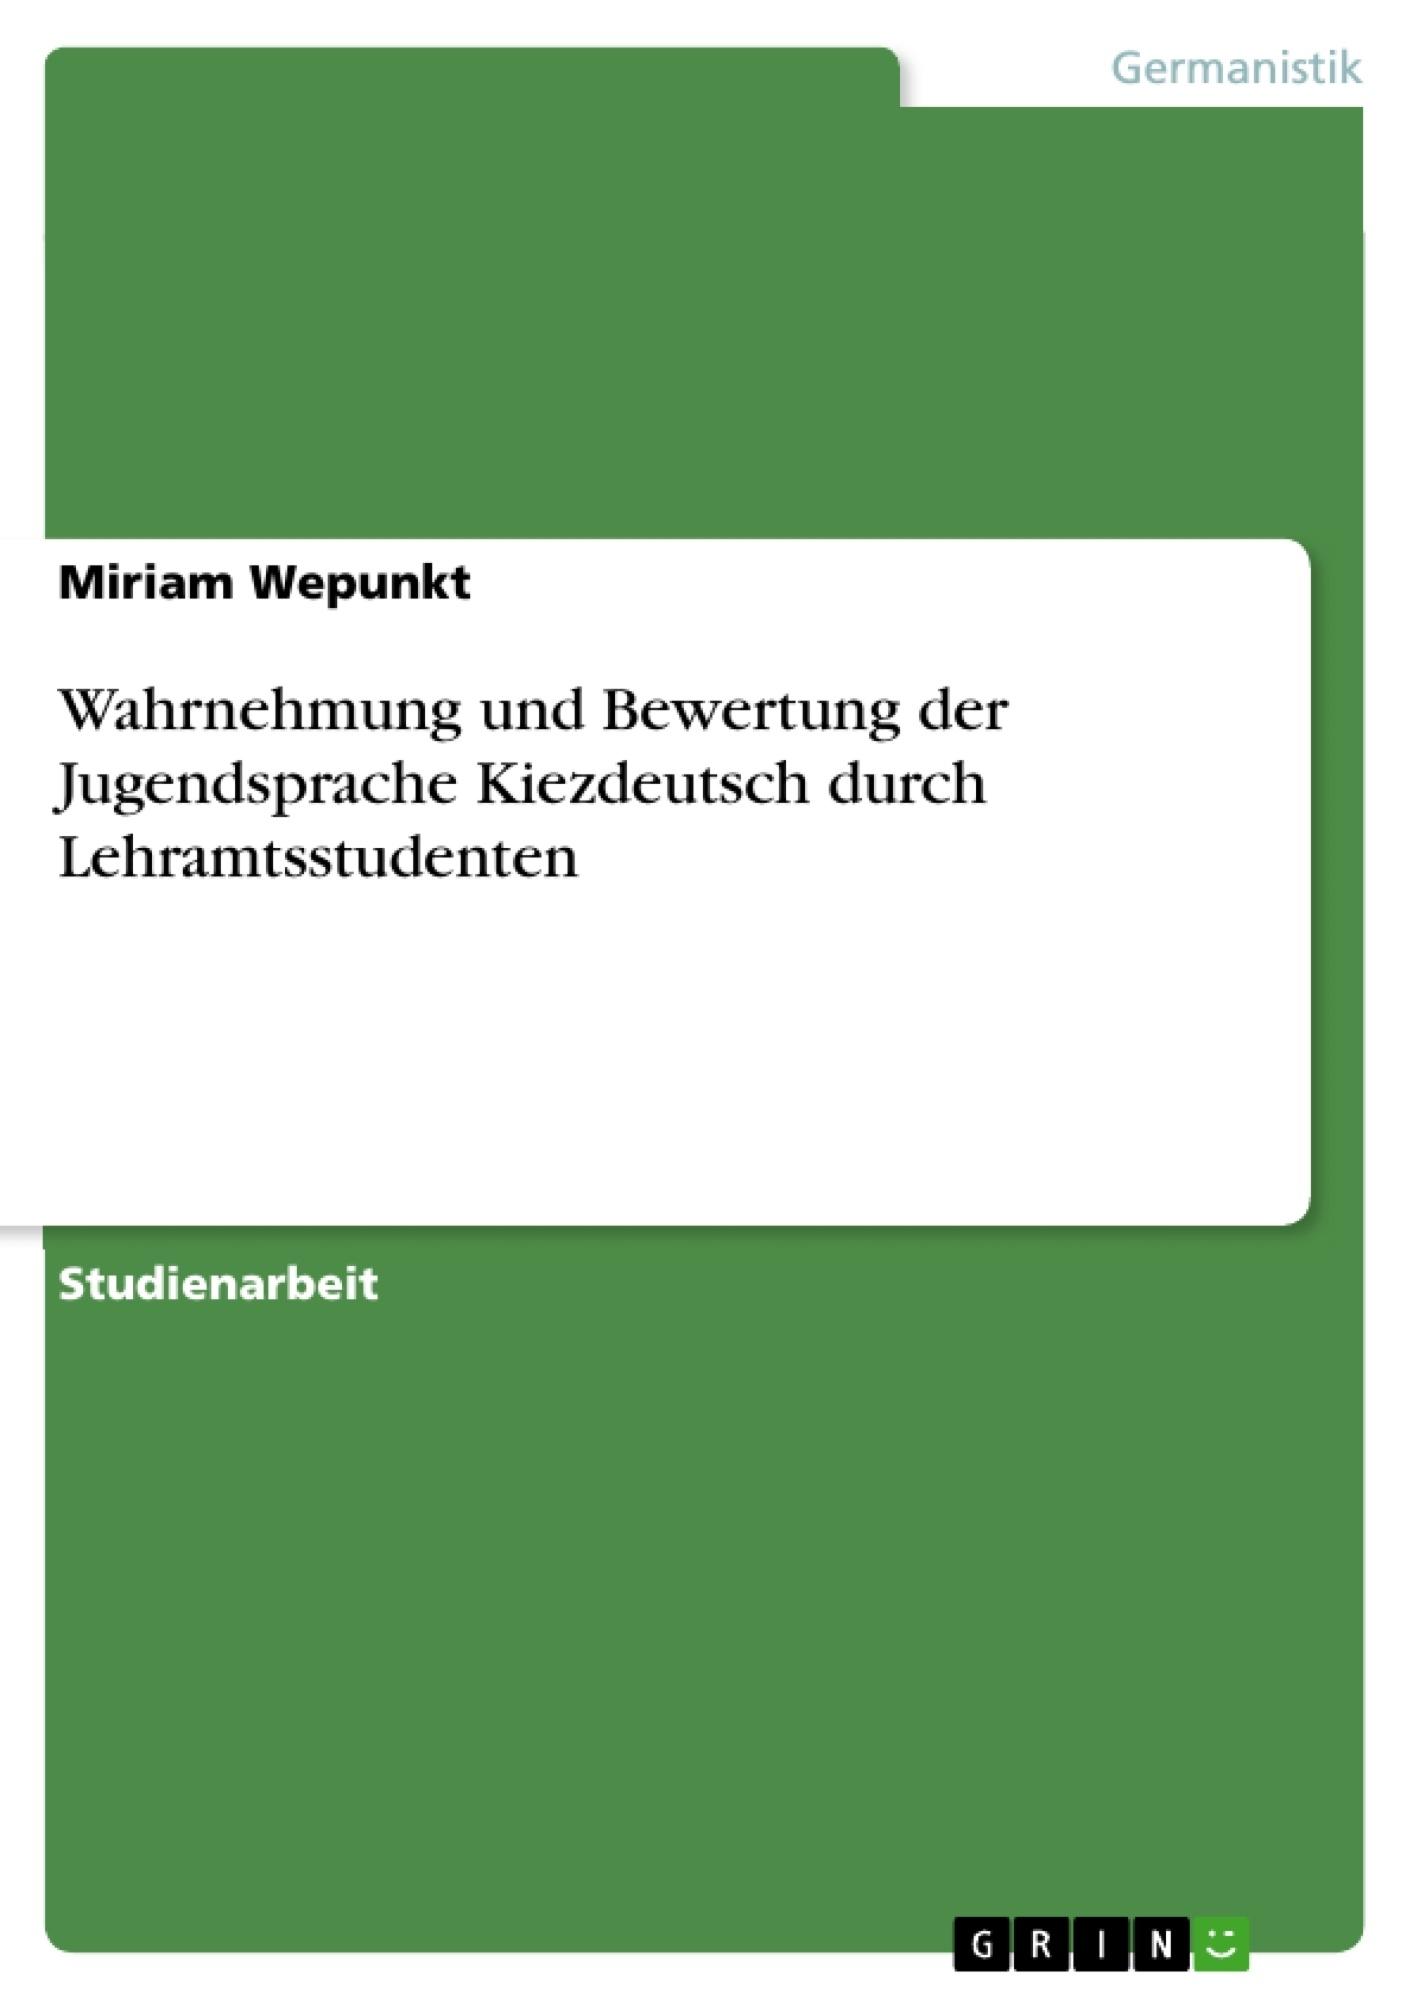 Titel: Wahrnehmung und Bewertung der Jugendsprache Kiezdeutsch durch Lehramtsstudenten